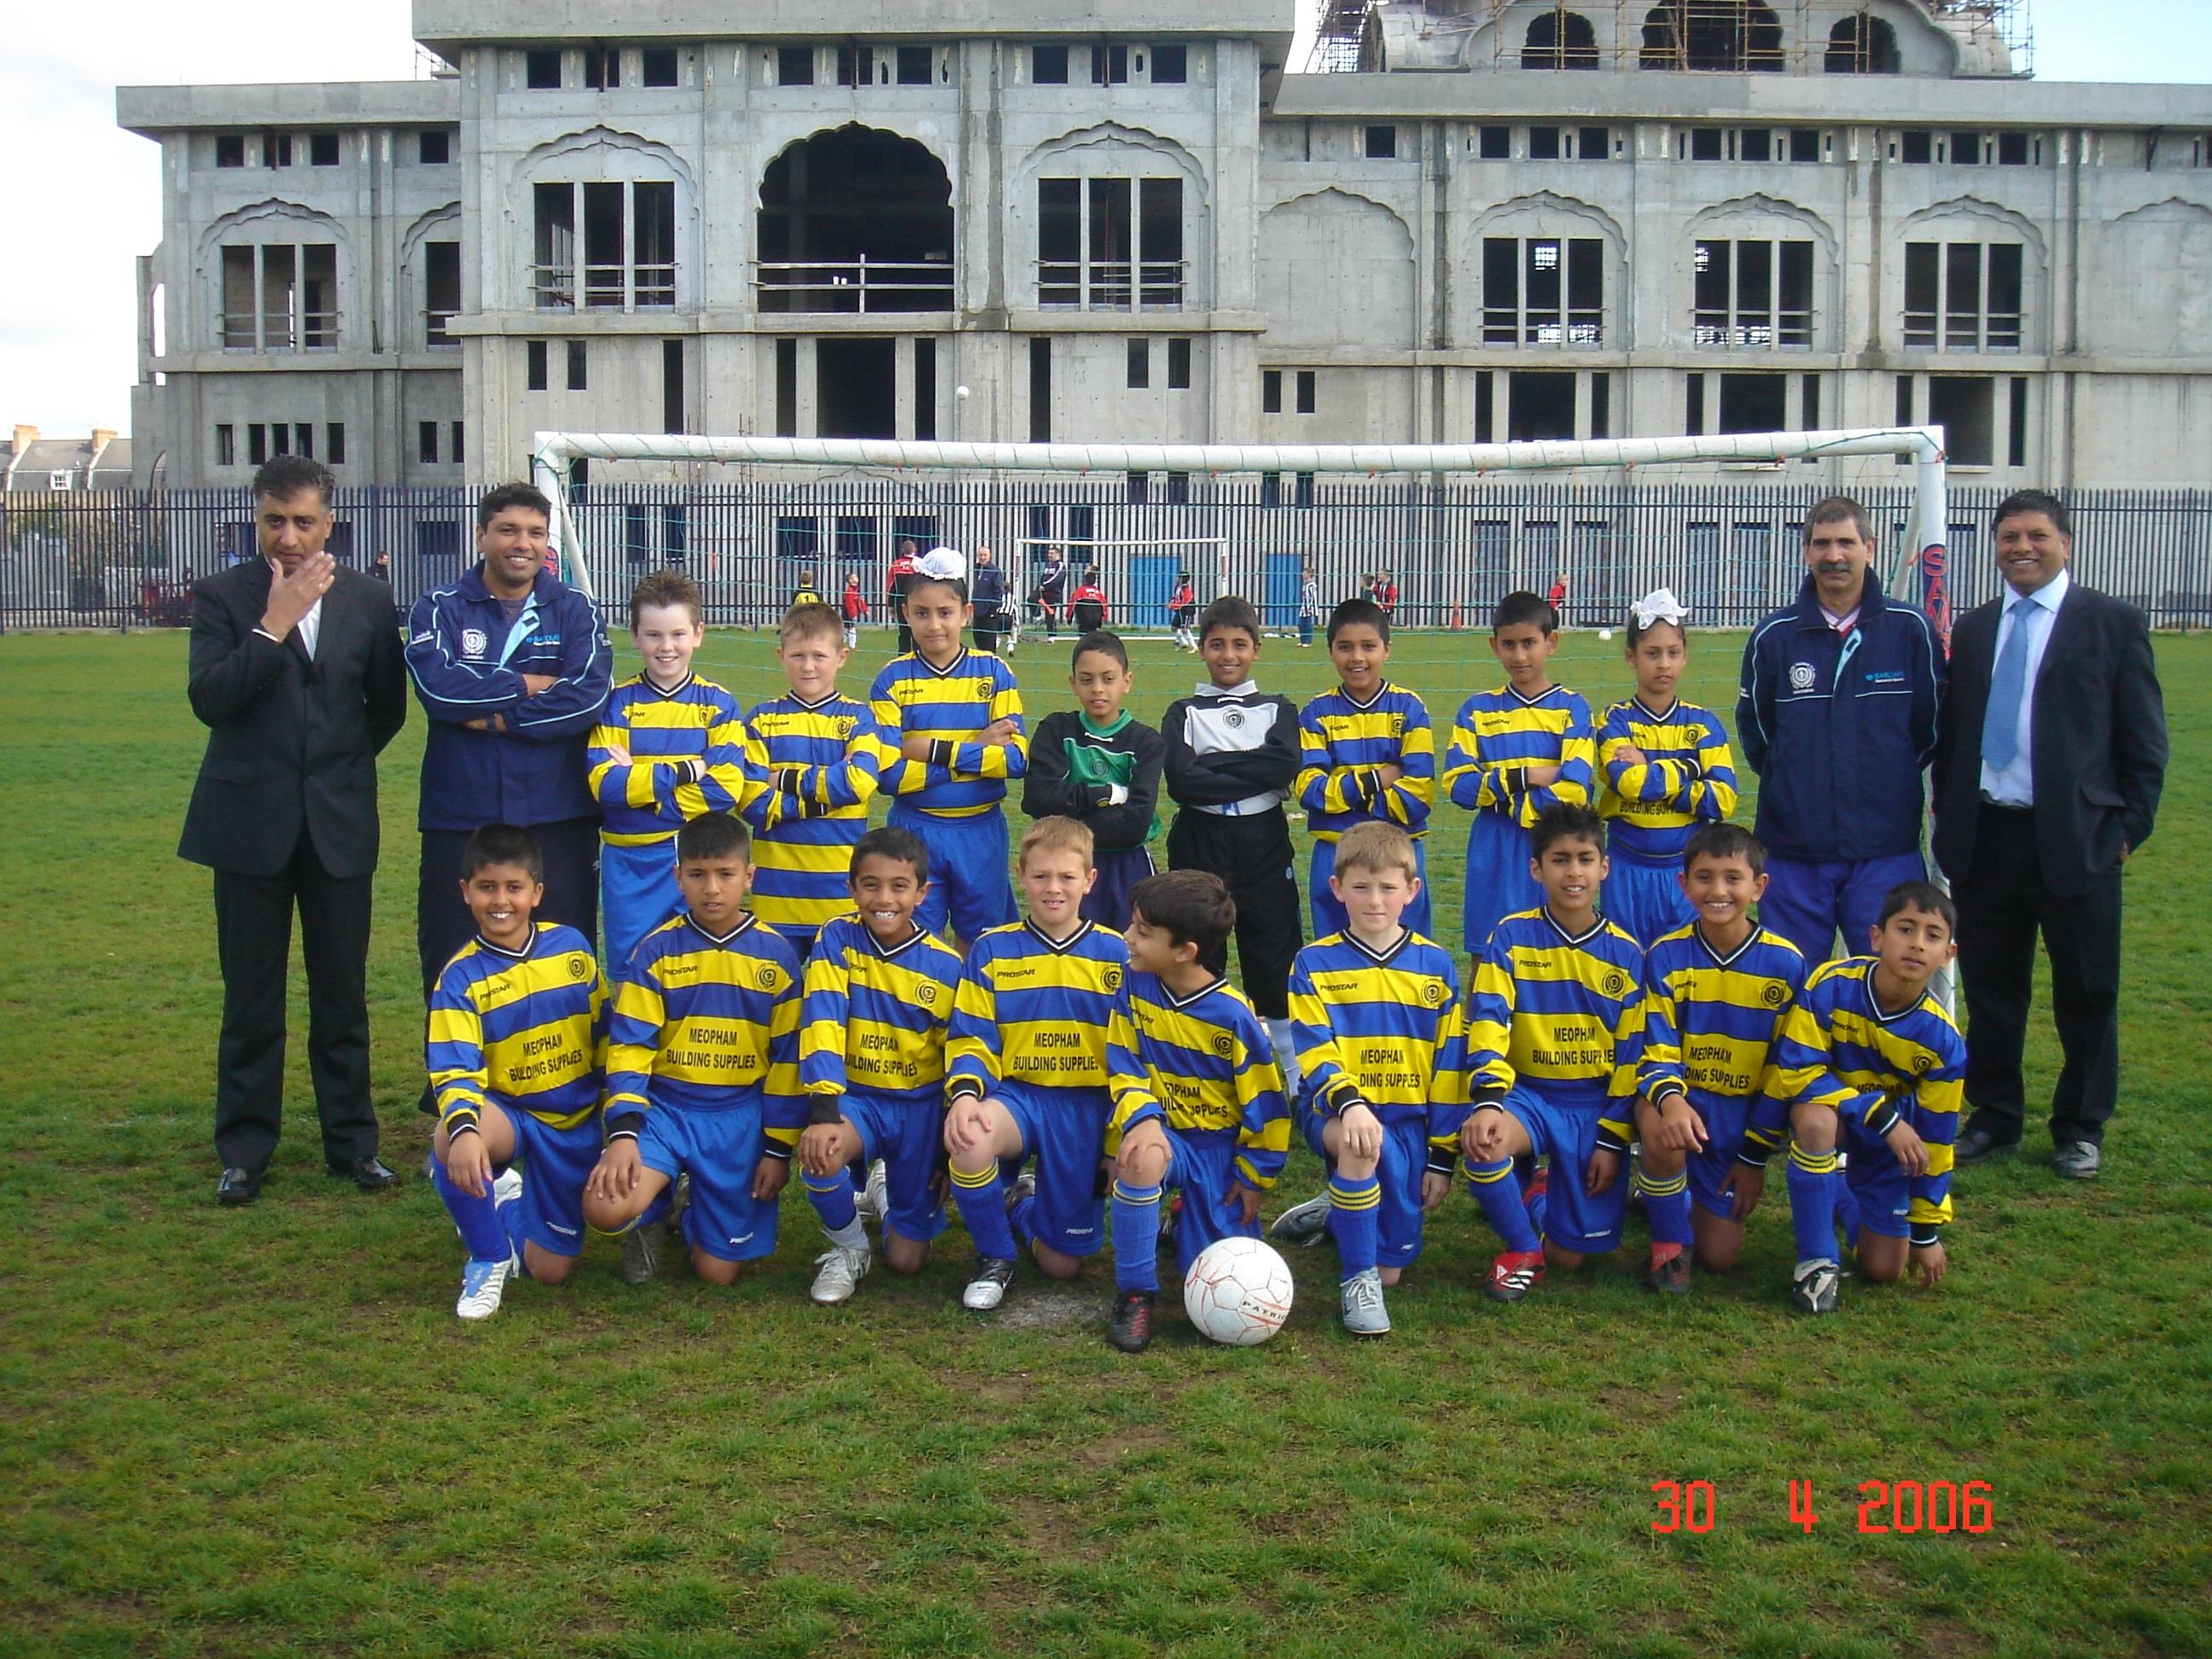 Under 10's Team 2005/06